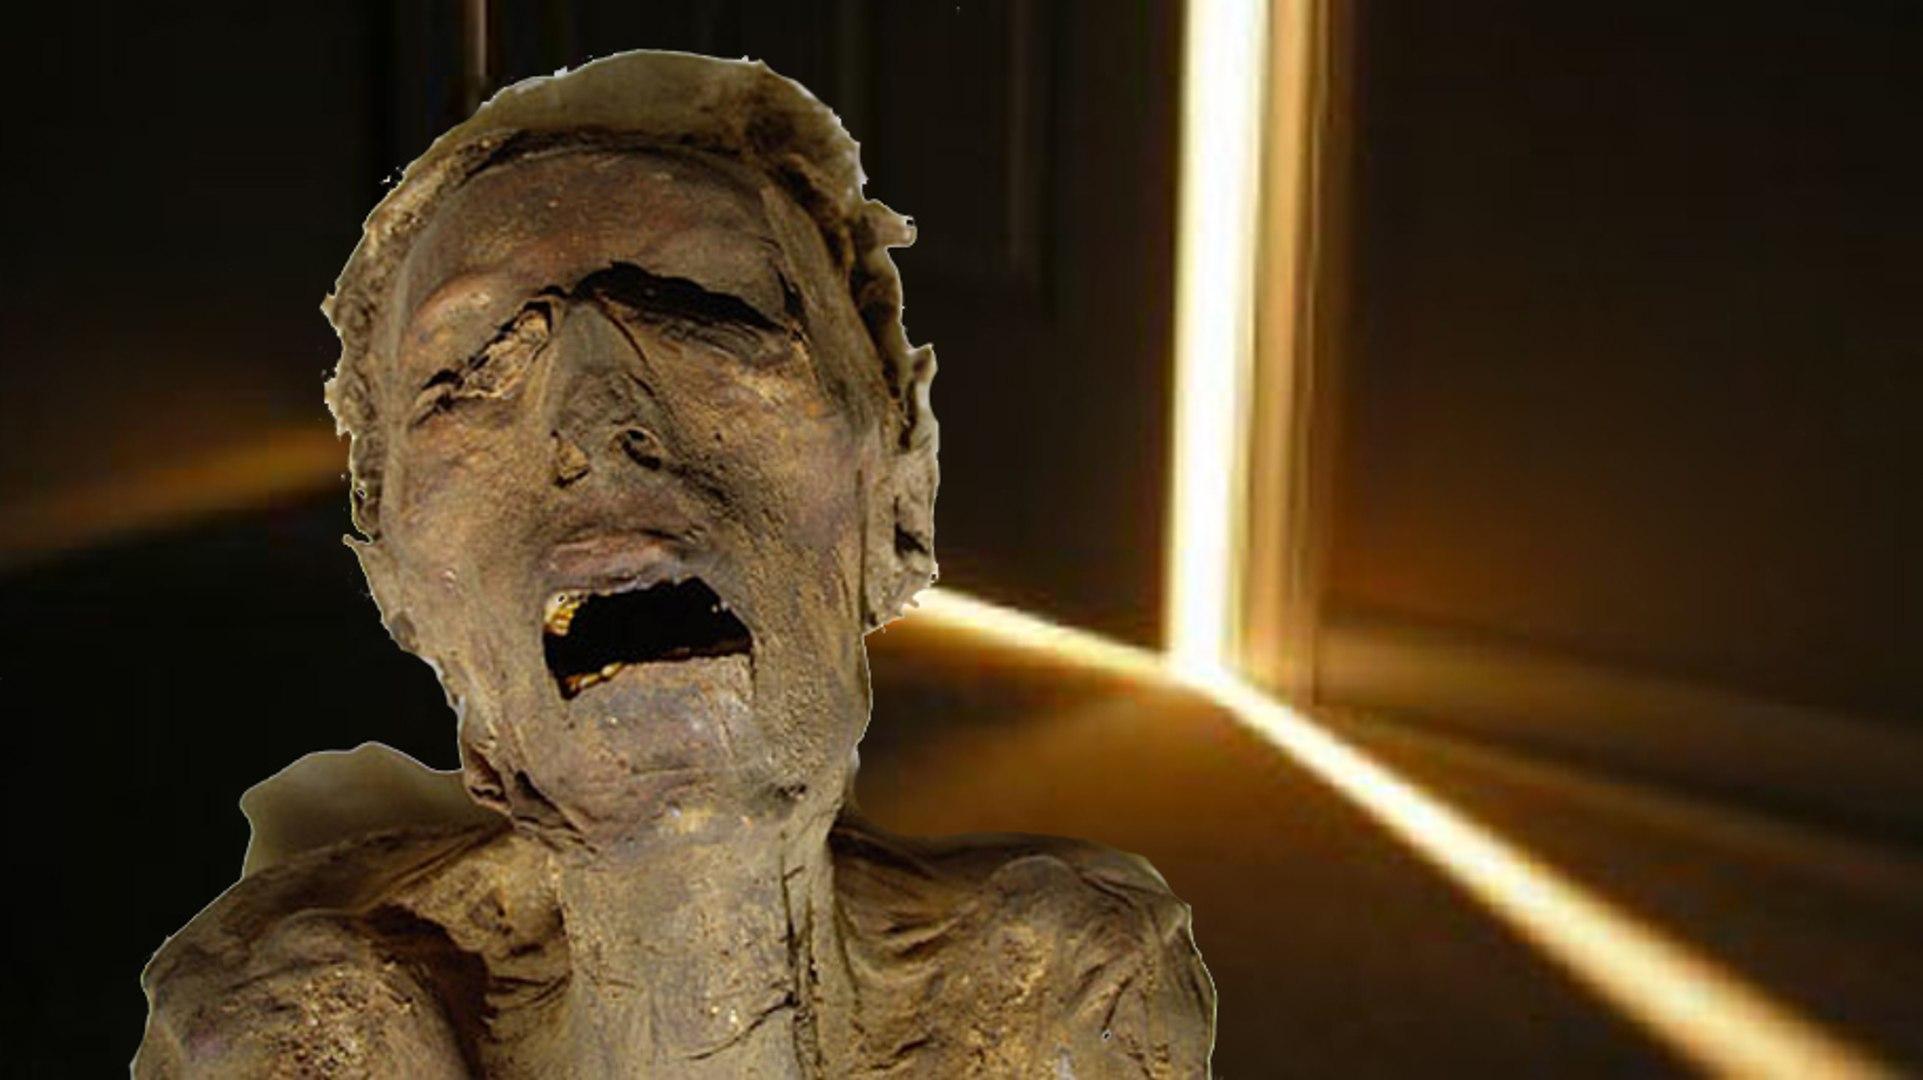 Pria menemukan mumi di apartemen barunya - Tomonews